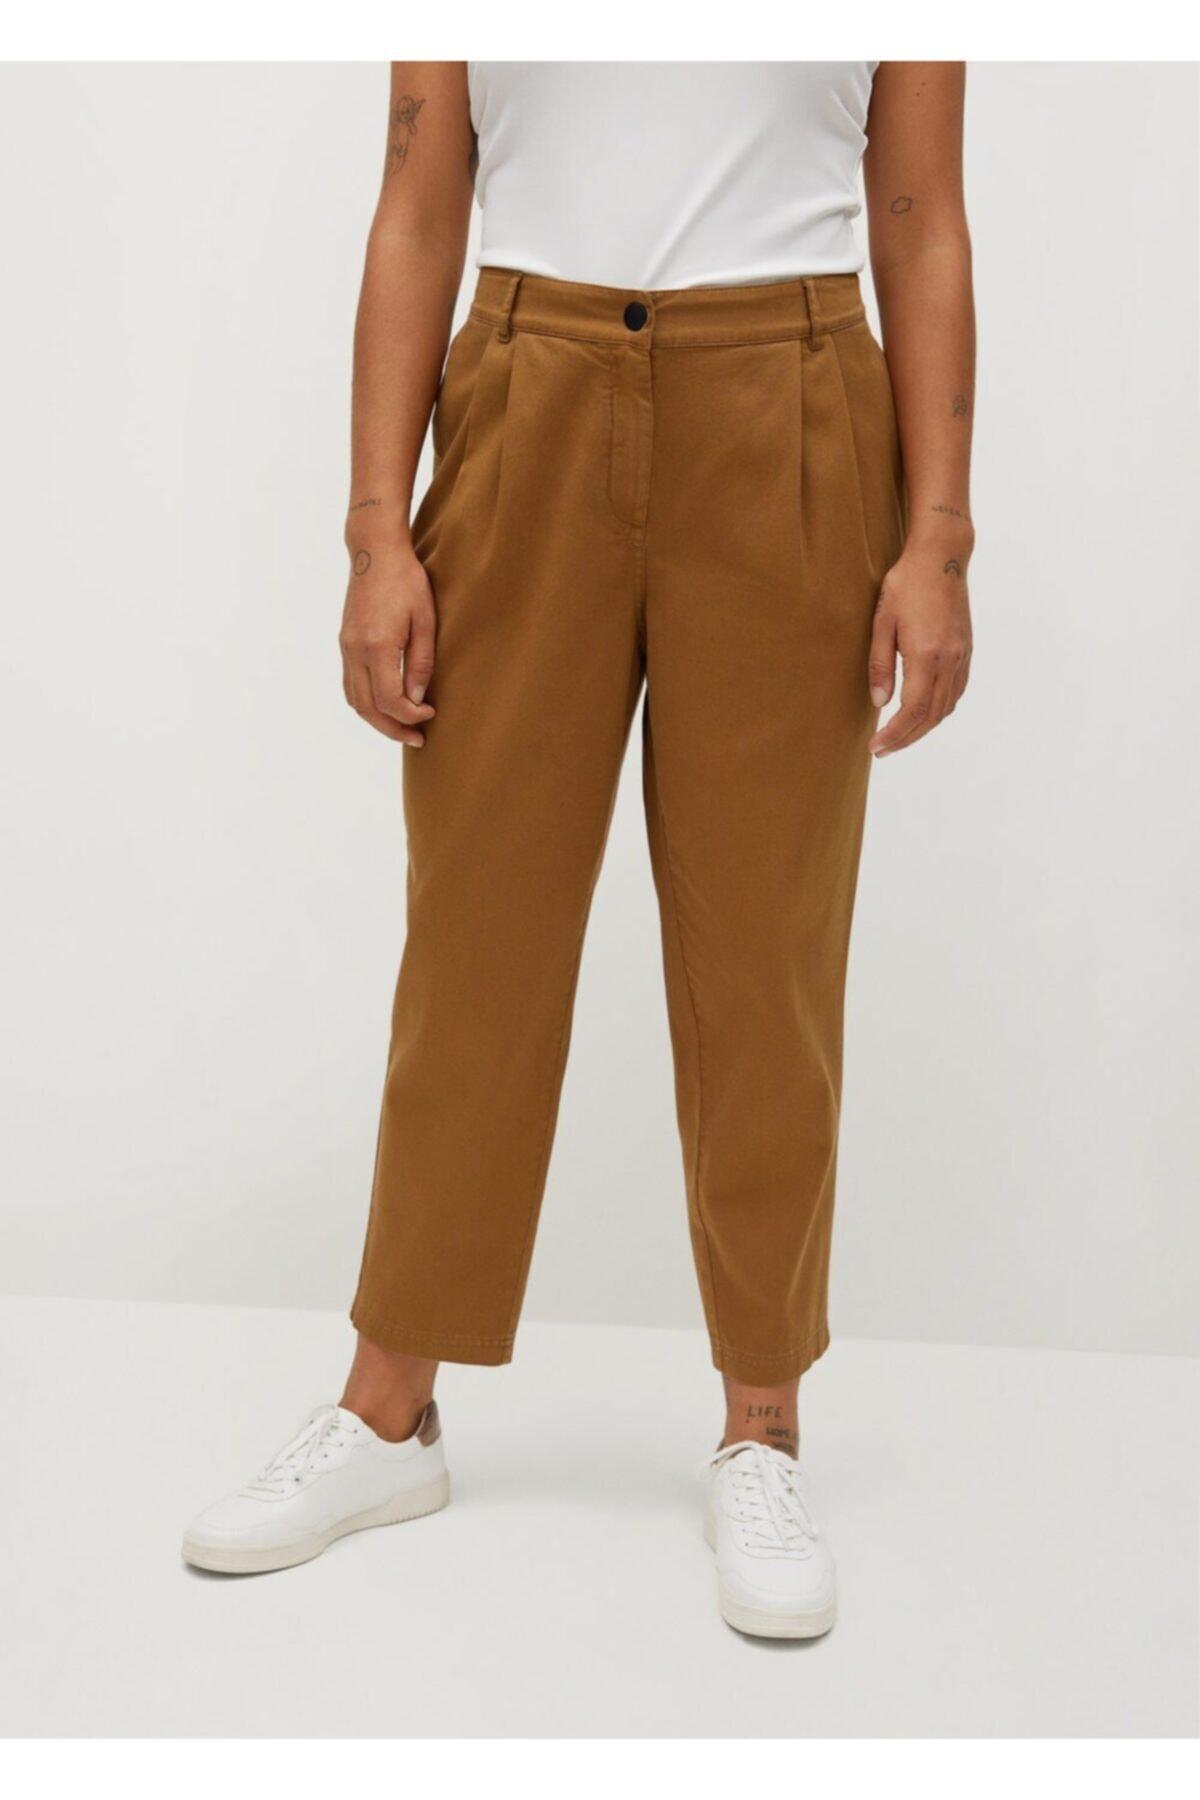 Violeta by MANGO Kadın Kahverengi Pantolon 2